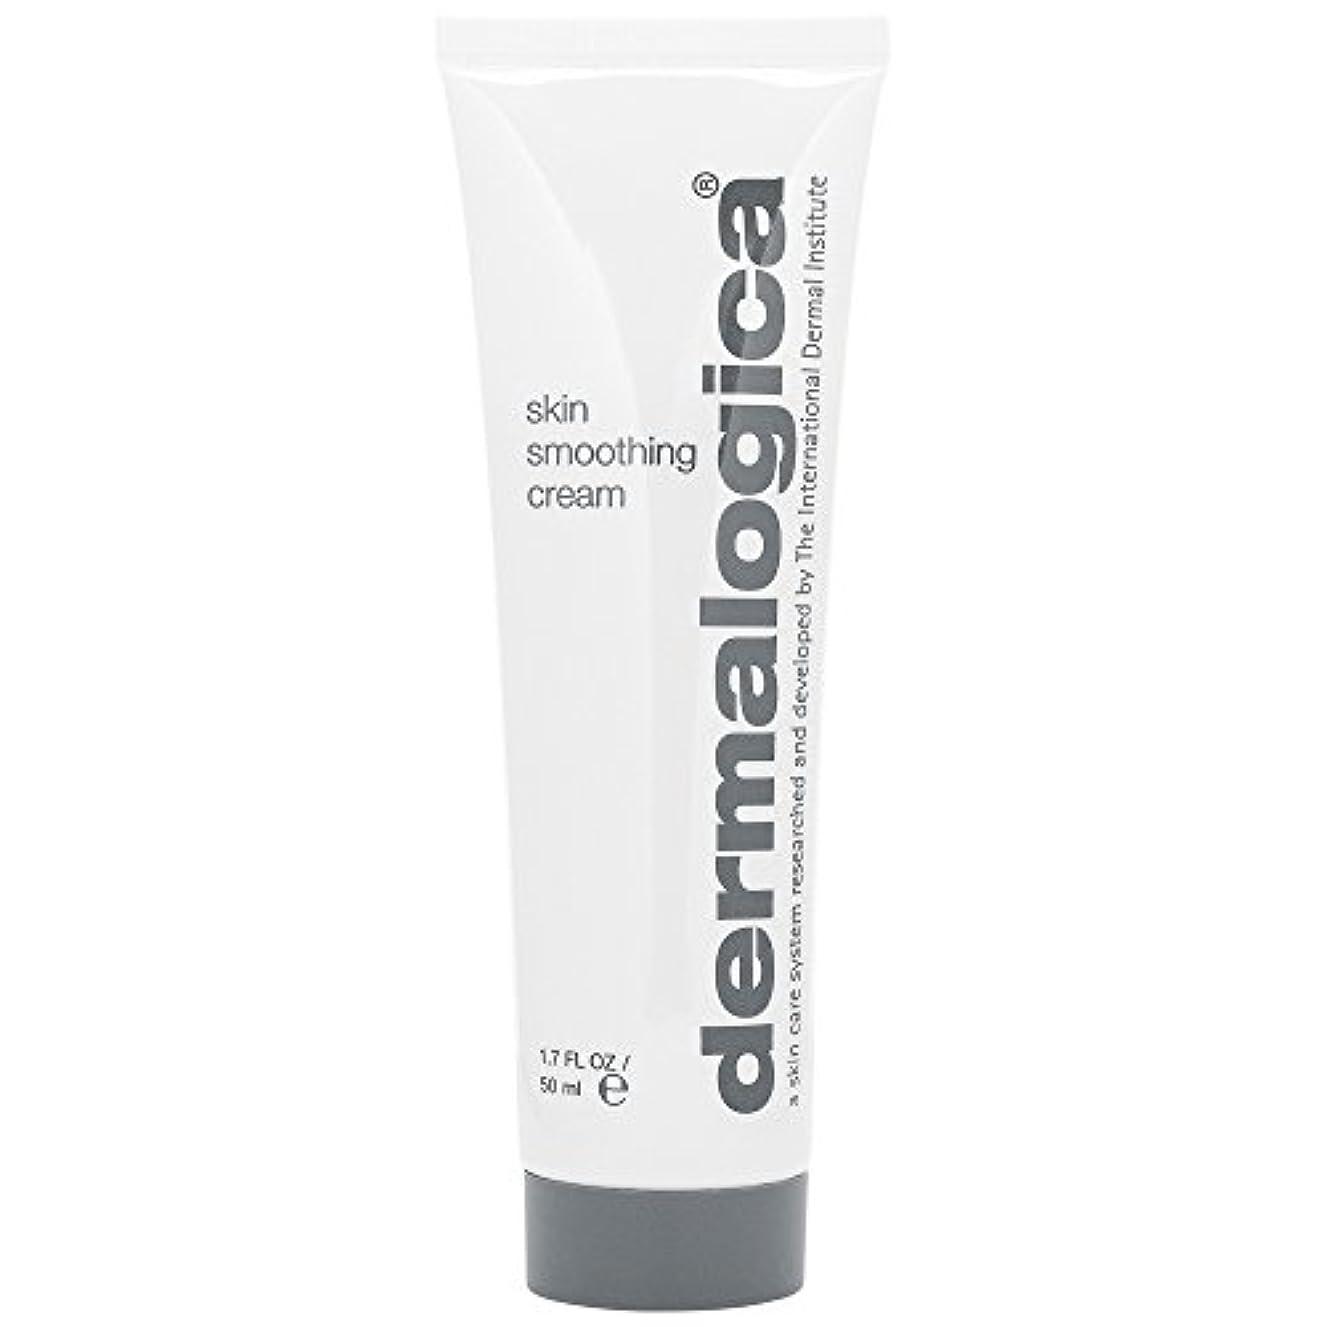 ダーマロジカスキンスムージングクリーム50ミリリットル (Dermalogica) (x2) - Dermalogica Skin Smoothing Cream 50ml (Pack of 2) [並行輸入品]